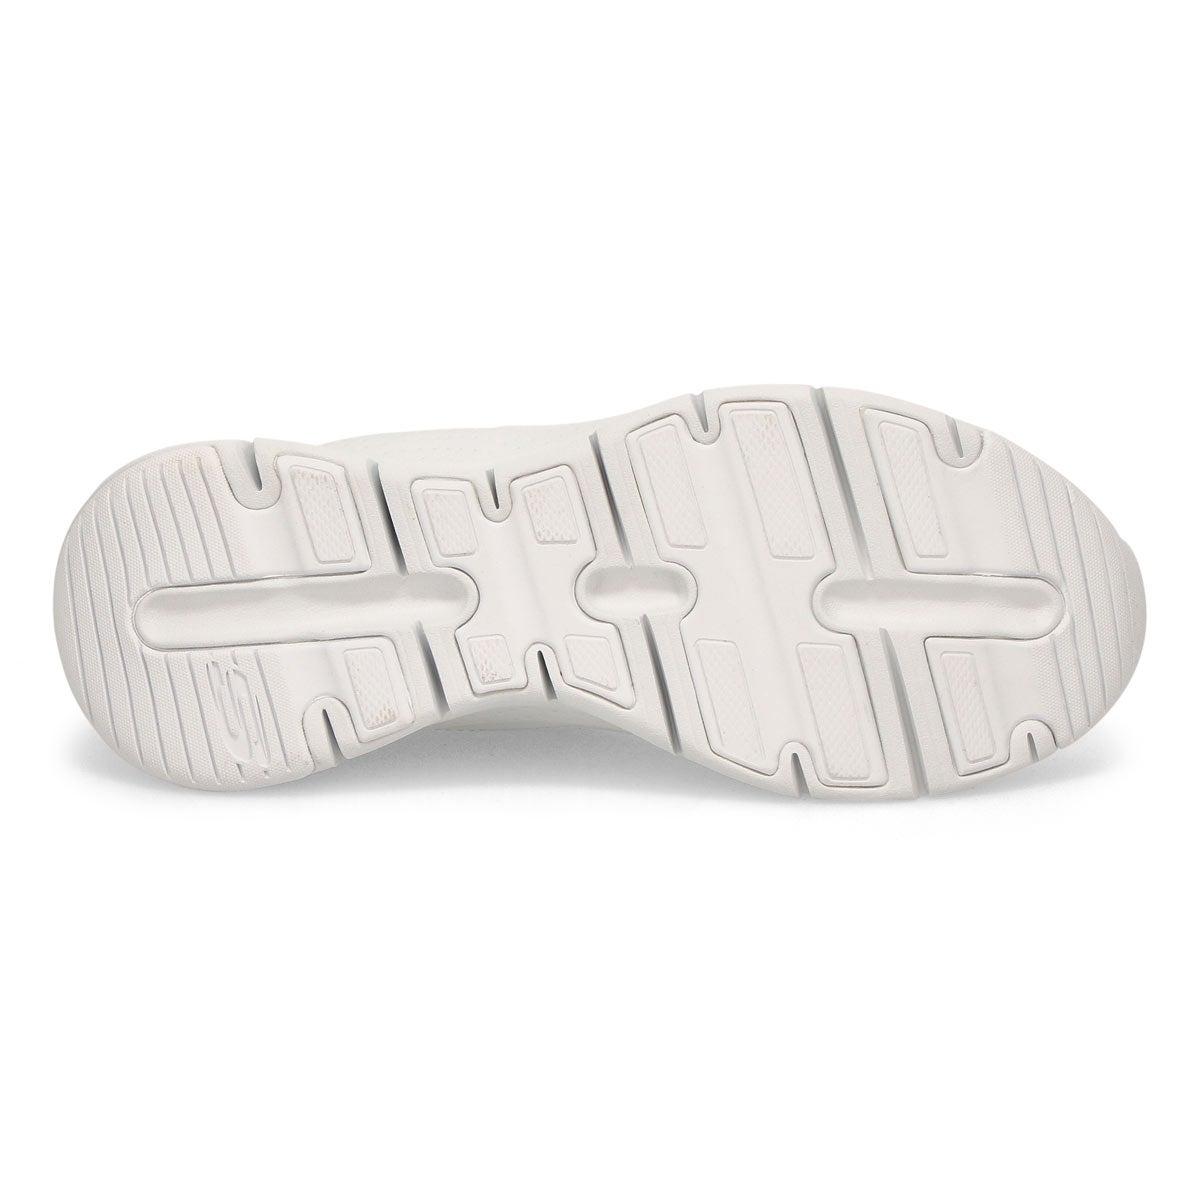 Women's Arch Fit Citi Drive Sneaker - White/Sliver